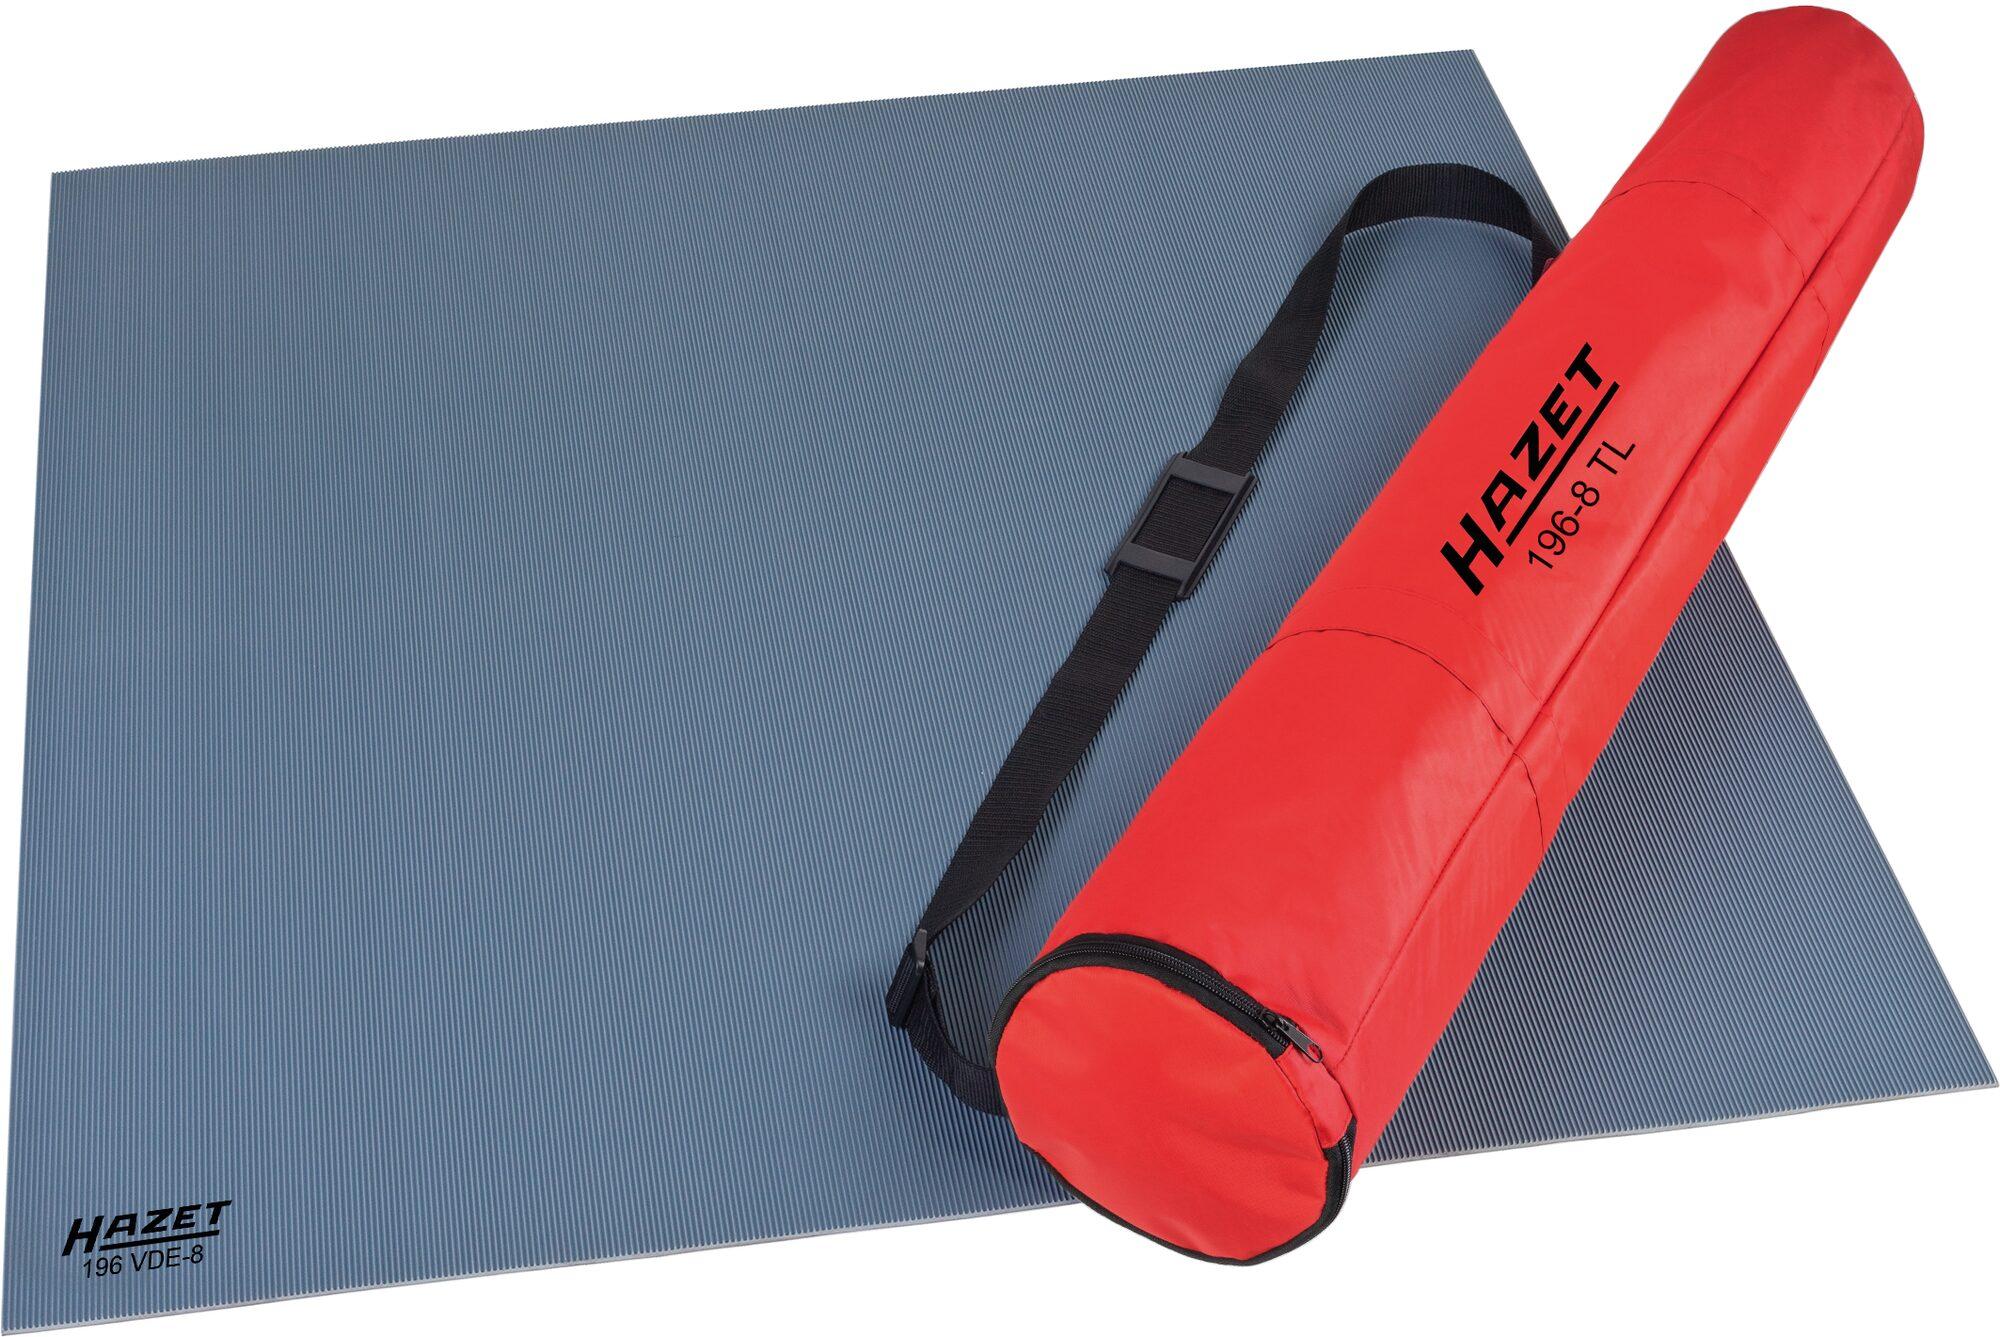 HAZET Stand-Isoliermatte 196VDE-8/2 ∙ Anzahl Werkzeuge: 2